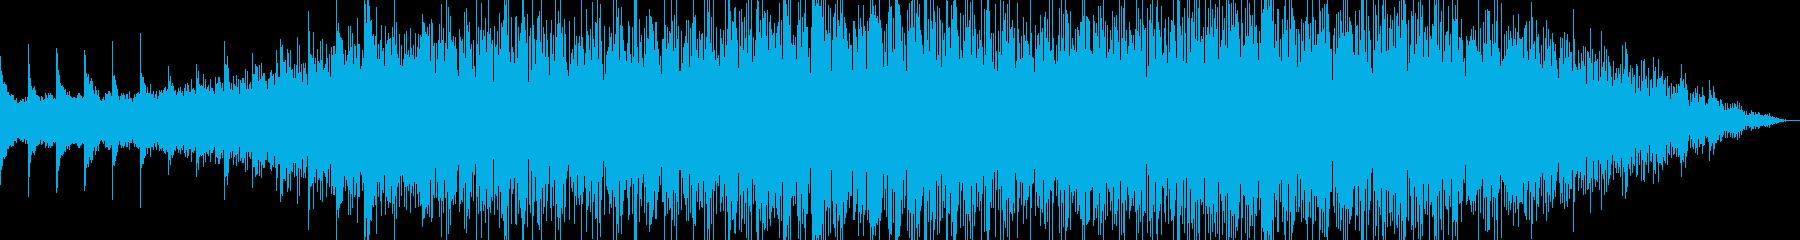 悲哀をイメージしたBGMの再生済みの波形